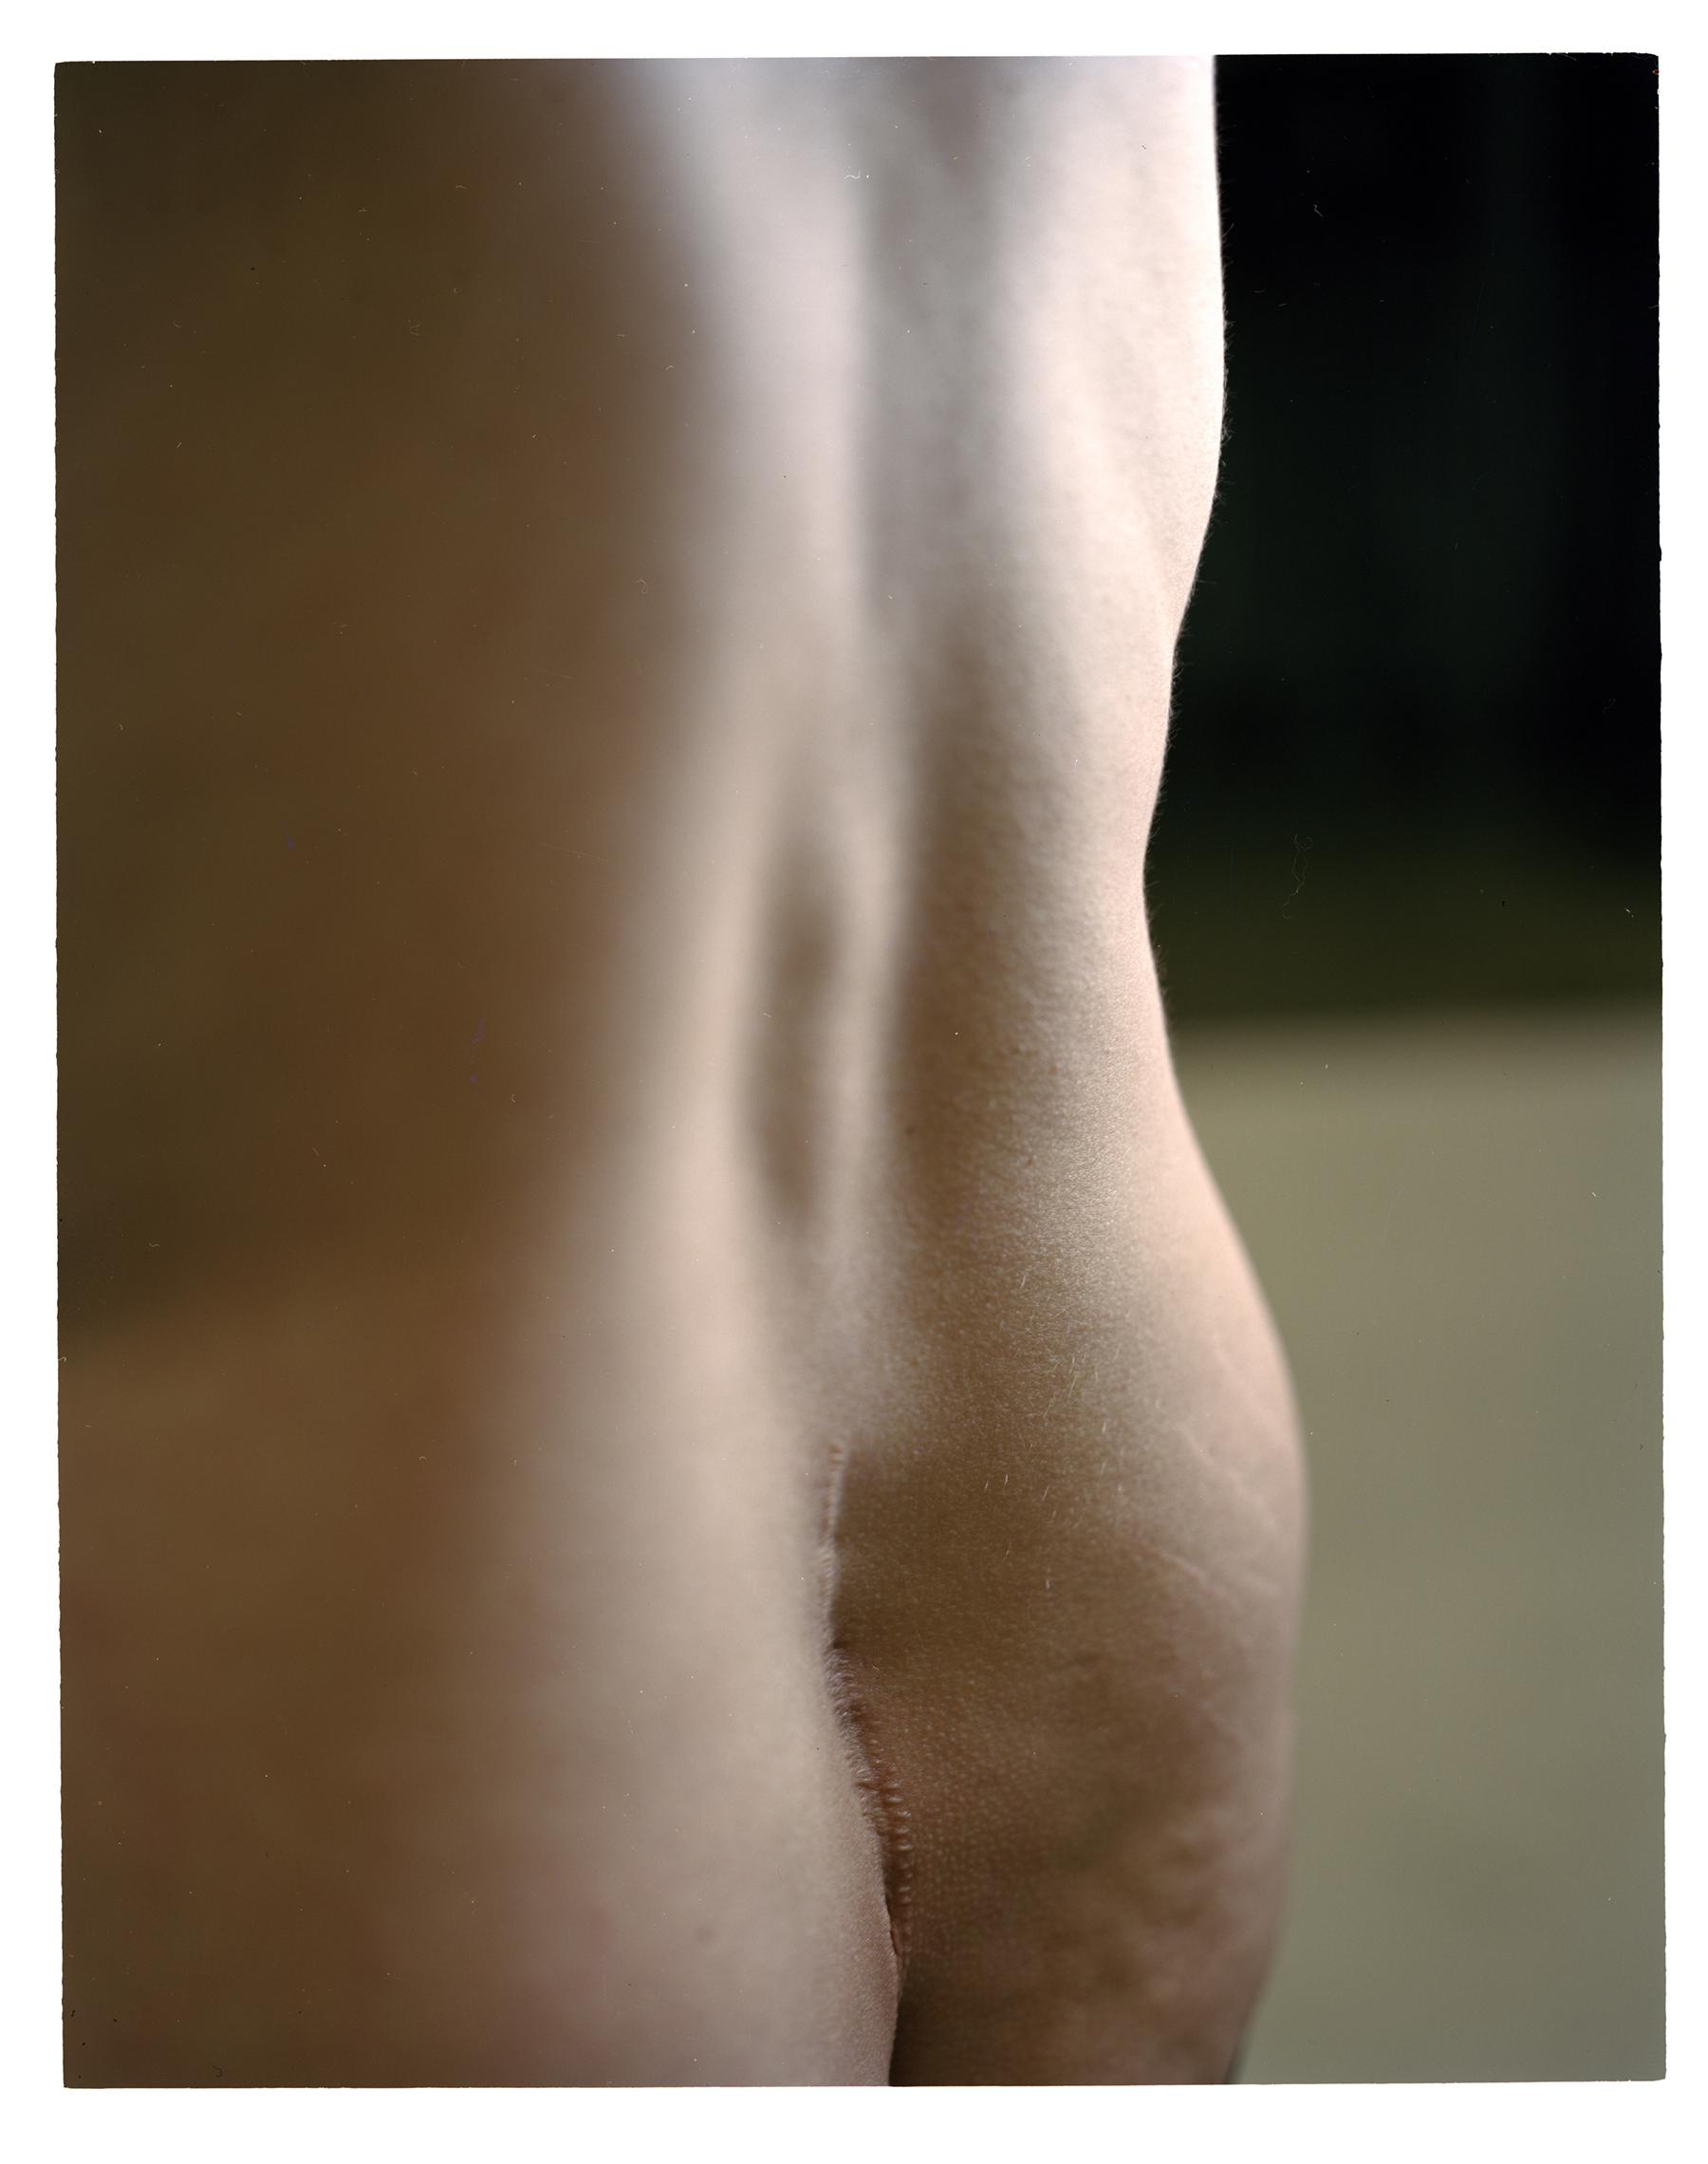 scar full body.jpg